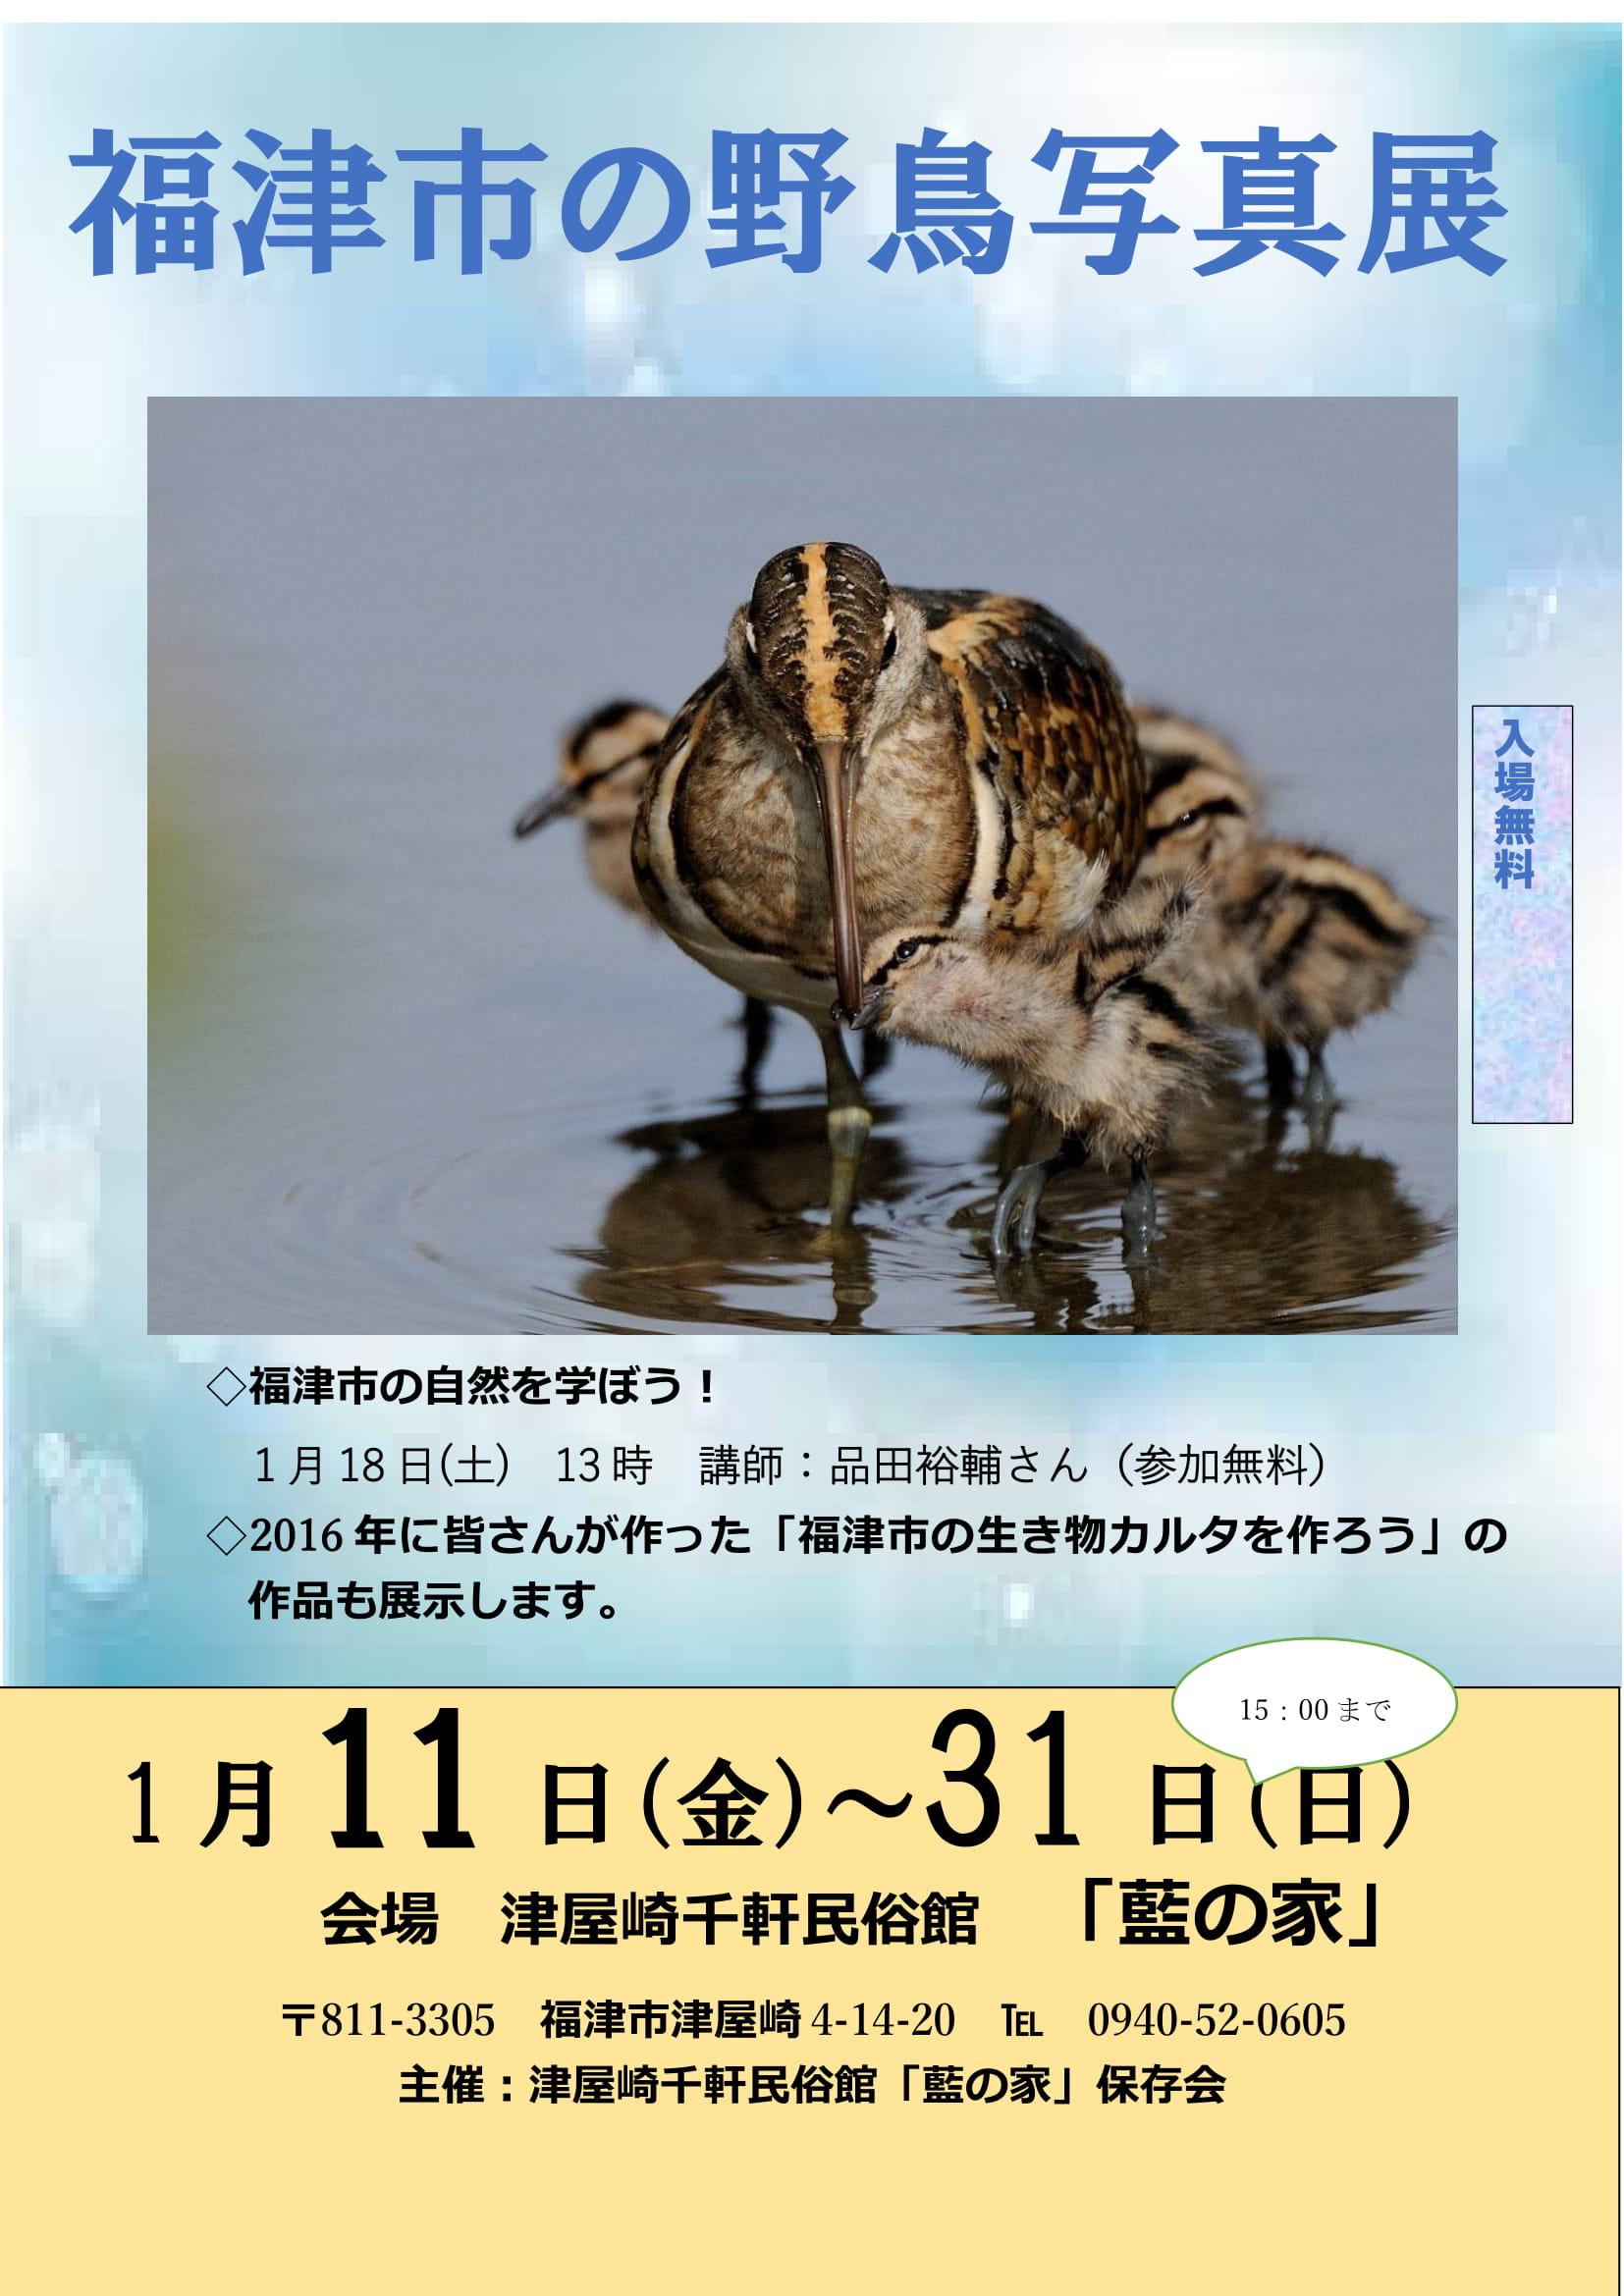 福津市の野鳥写真展2-1